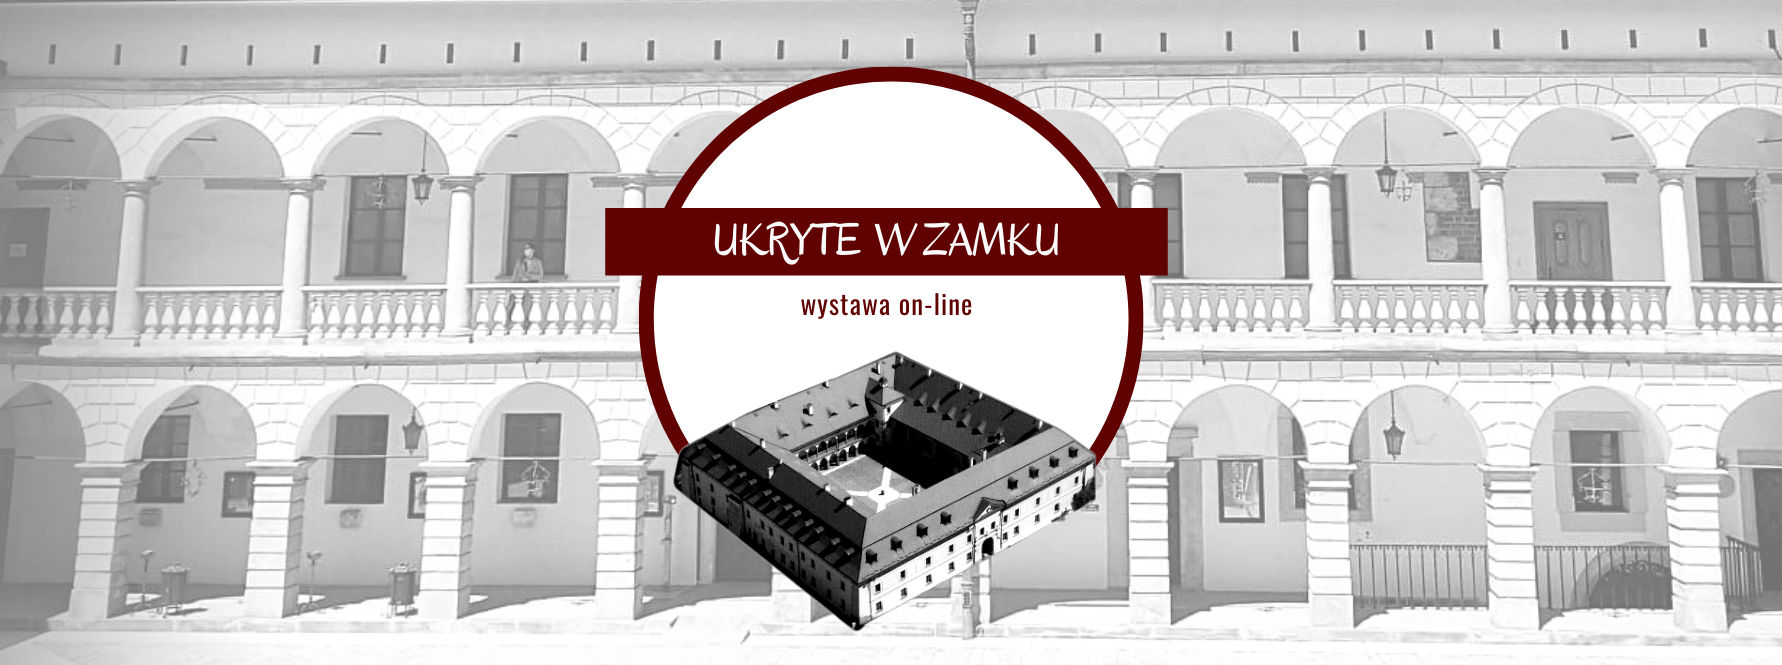 Wystawa on-line Ukryte w zamku